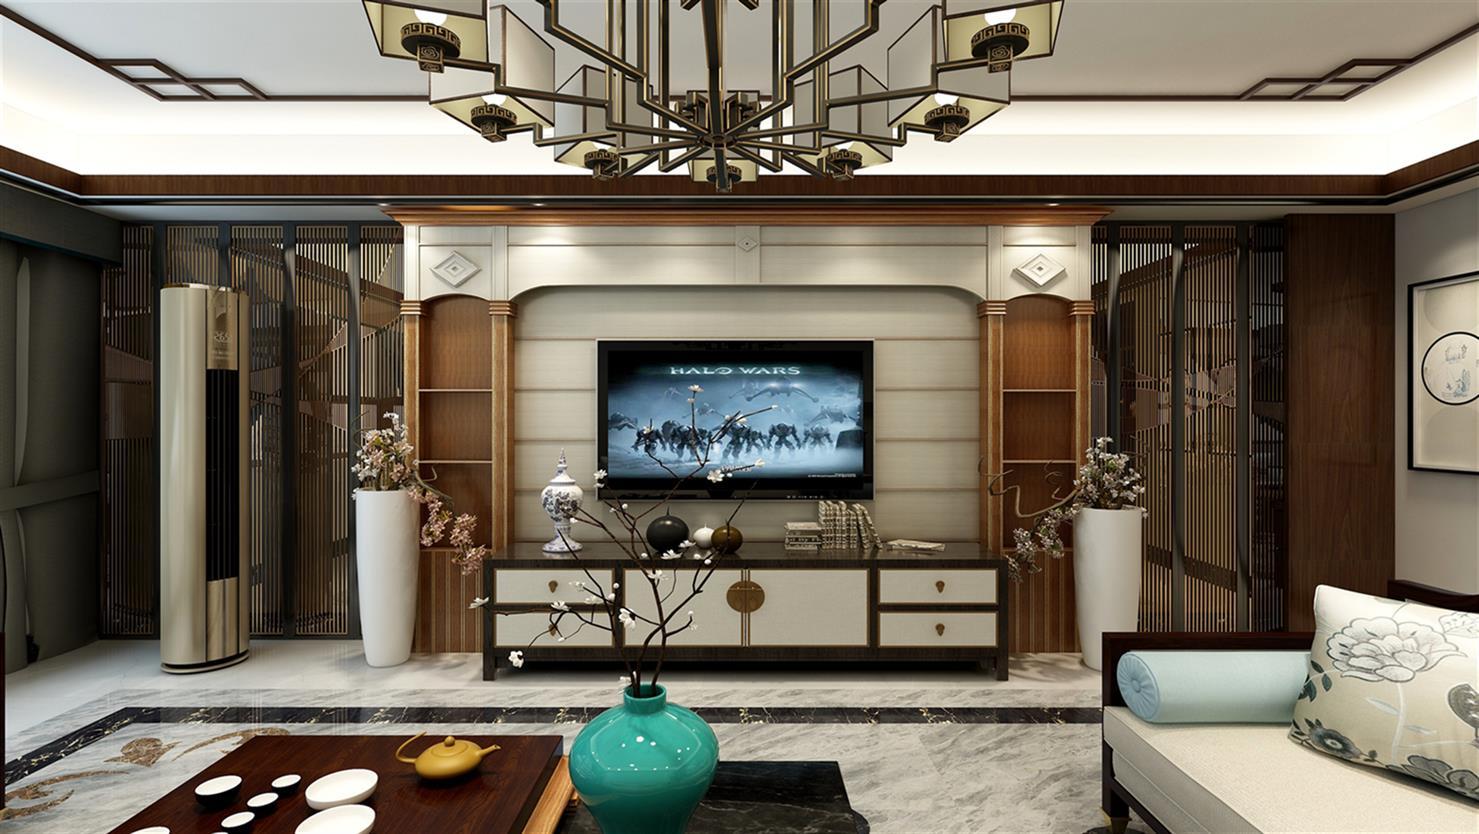 盛福水转印石塑罗马柱整体电视背景墙-「其他装饰... -马可波罗网